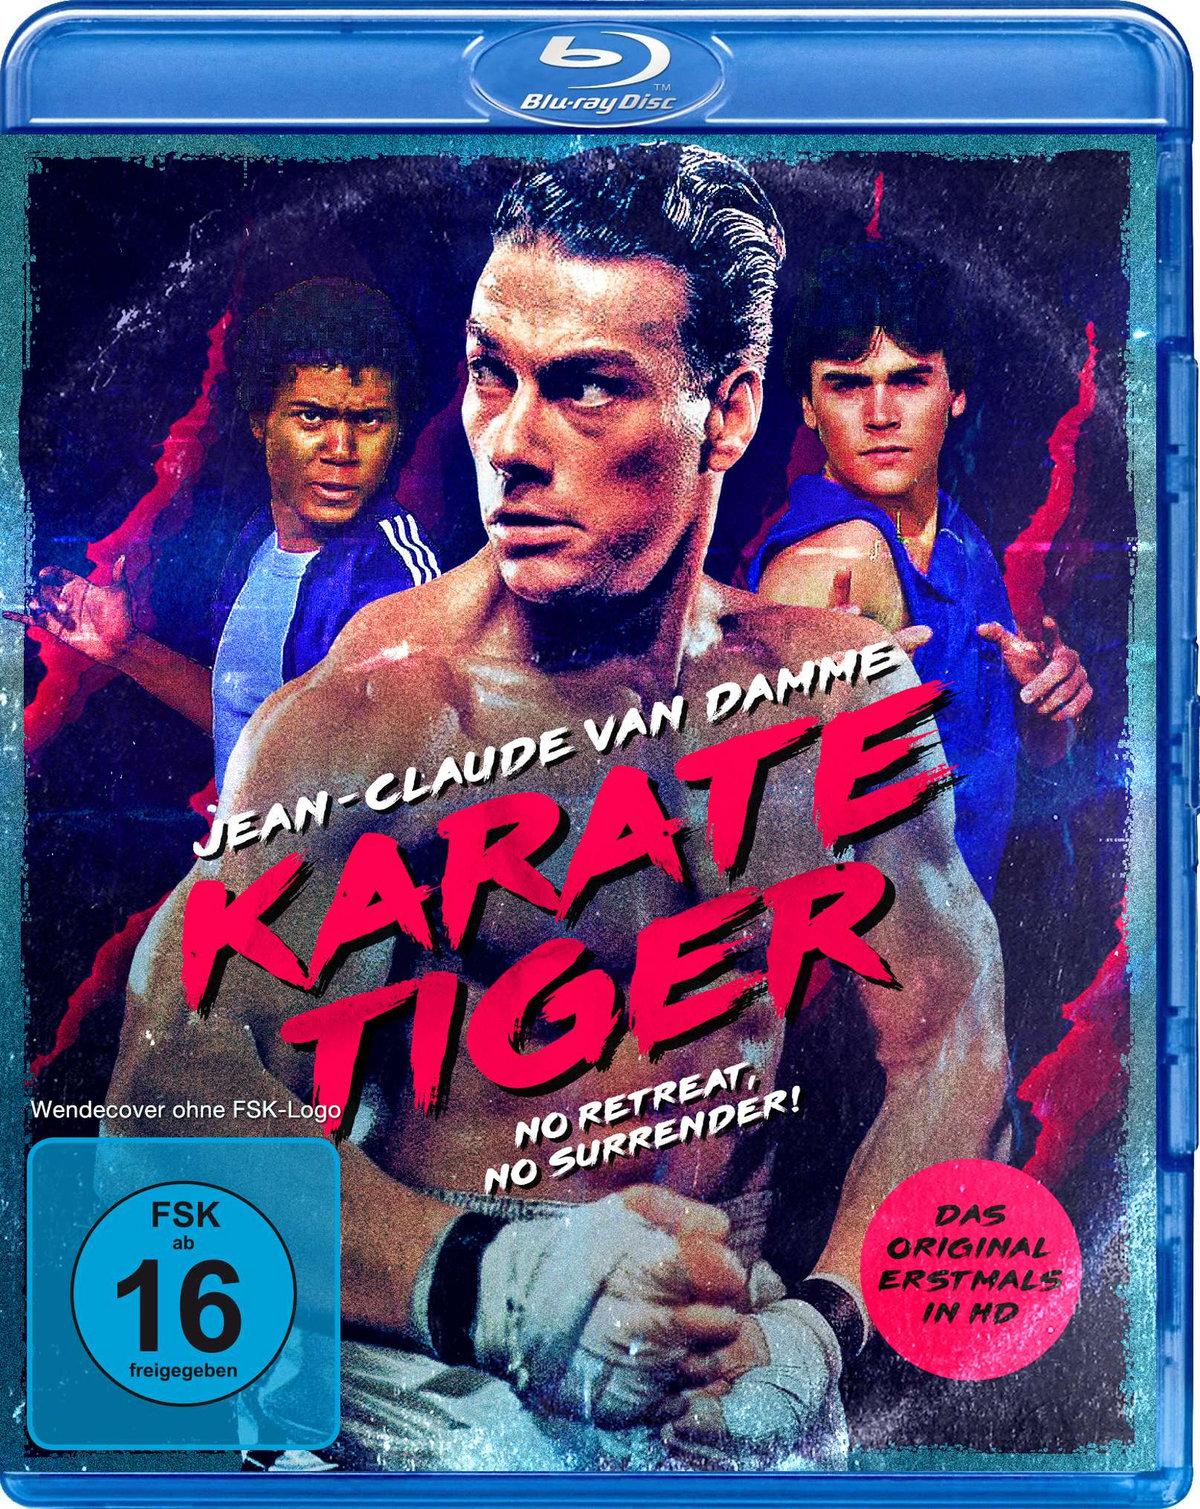 Karate Tiger (1986)